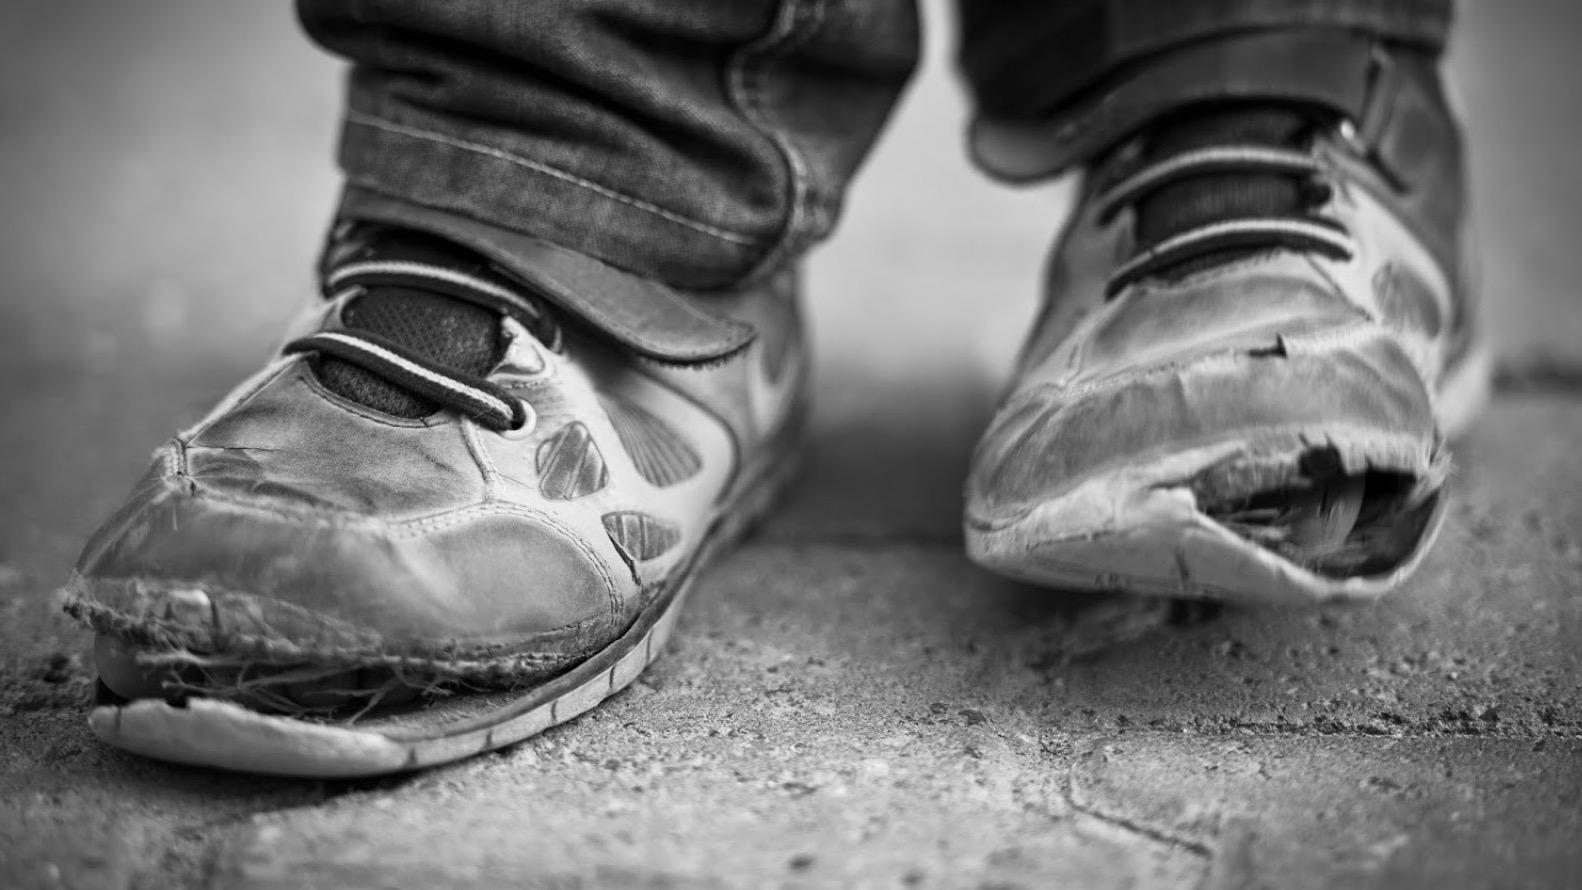 Mesatarisht 49€ në muaj merr një anëtar i një familje në Suharekë nga skema e ndihmës sociale